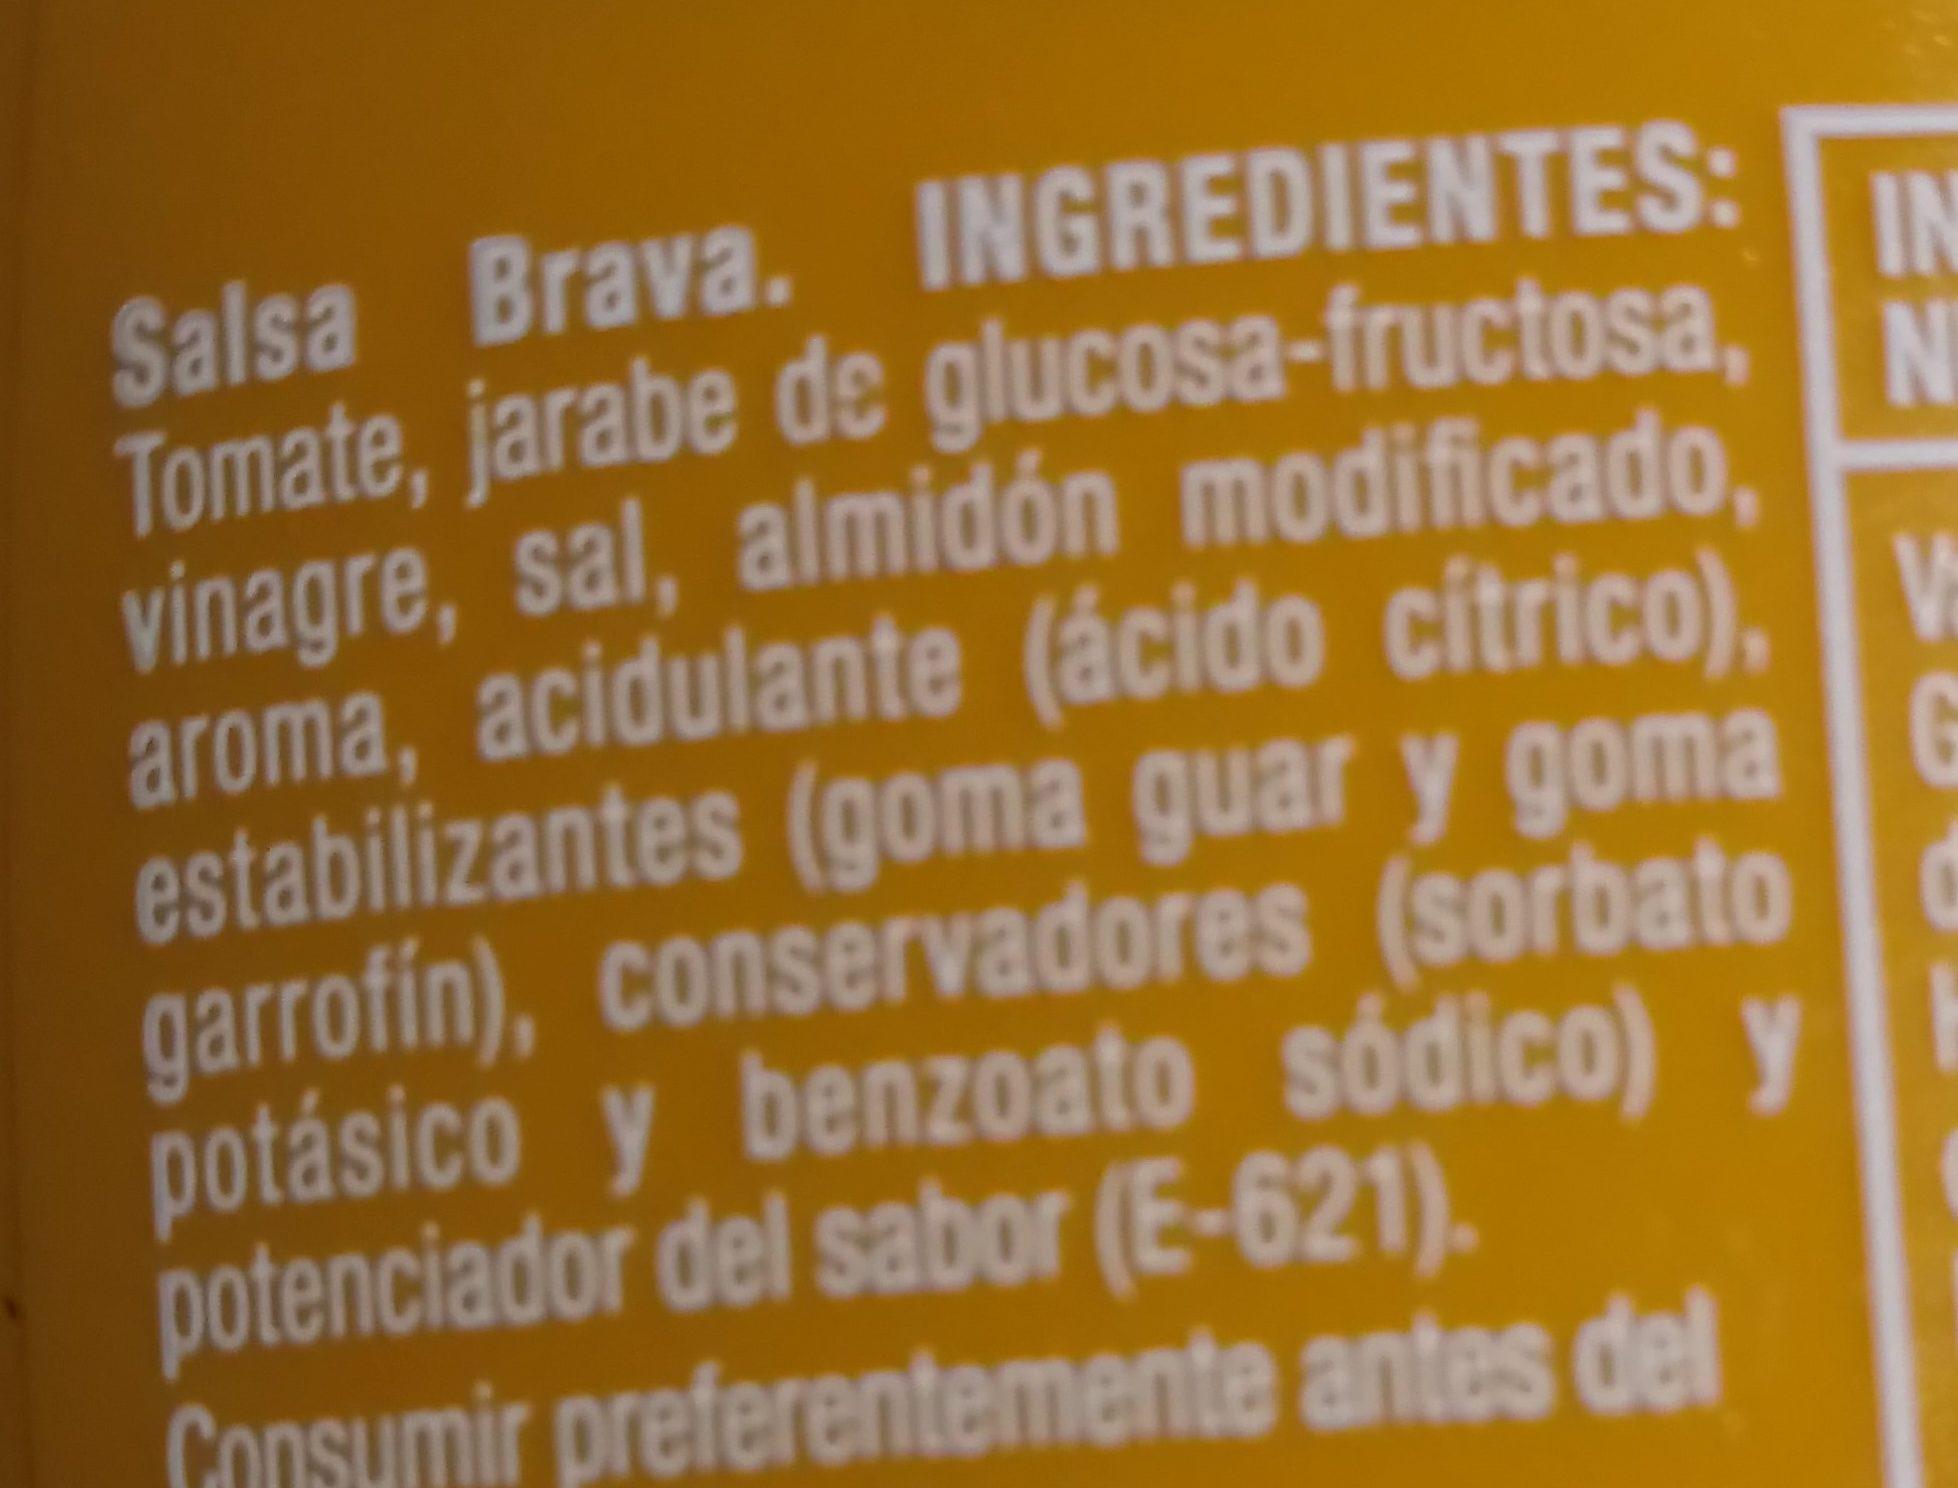 Salsa Brava Sabor Intenso - Ingredients